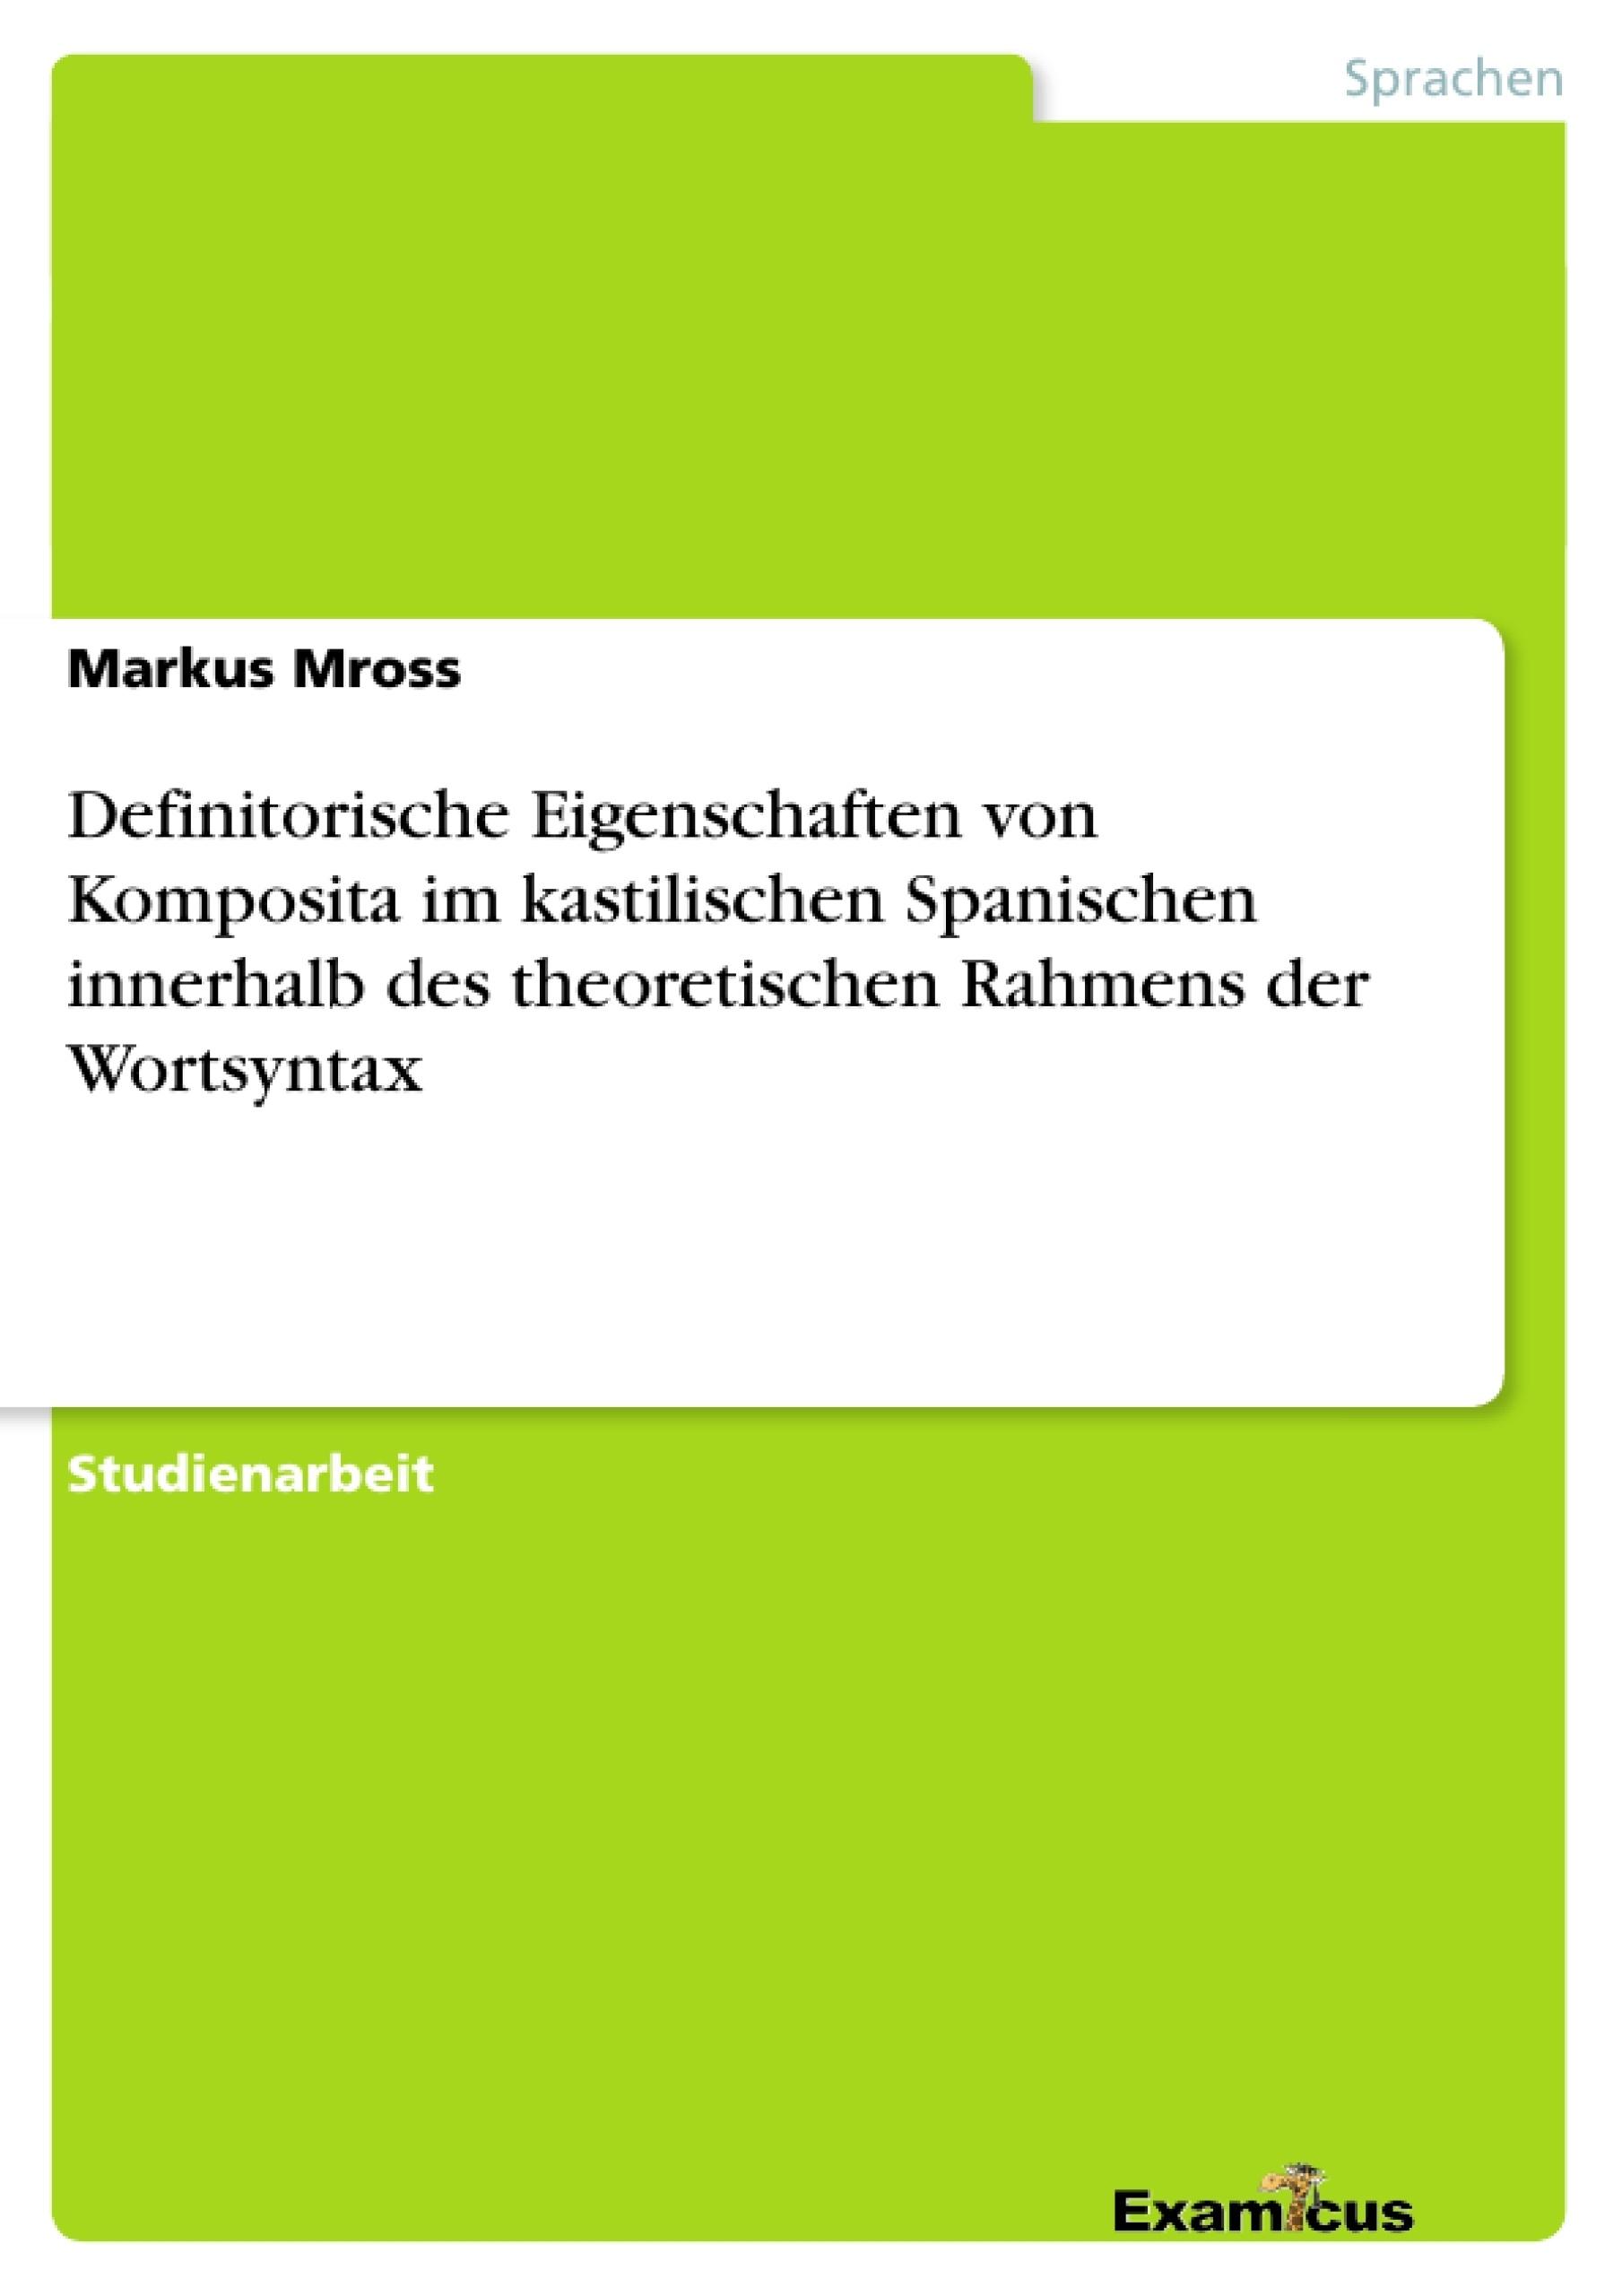 Titel: Definitorische Eigenschaften von Komposita im kastilischen Spanischen innerhalb des theoretischen Rahmens der Wortsyntax